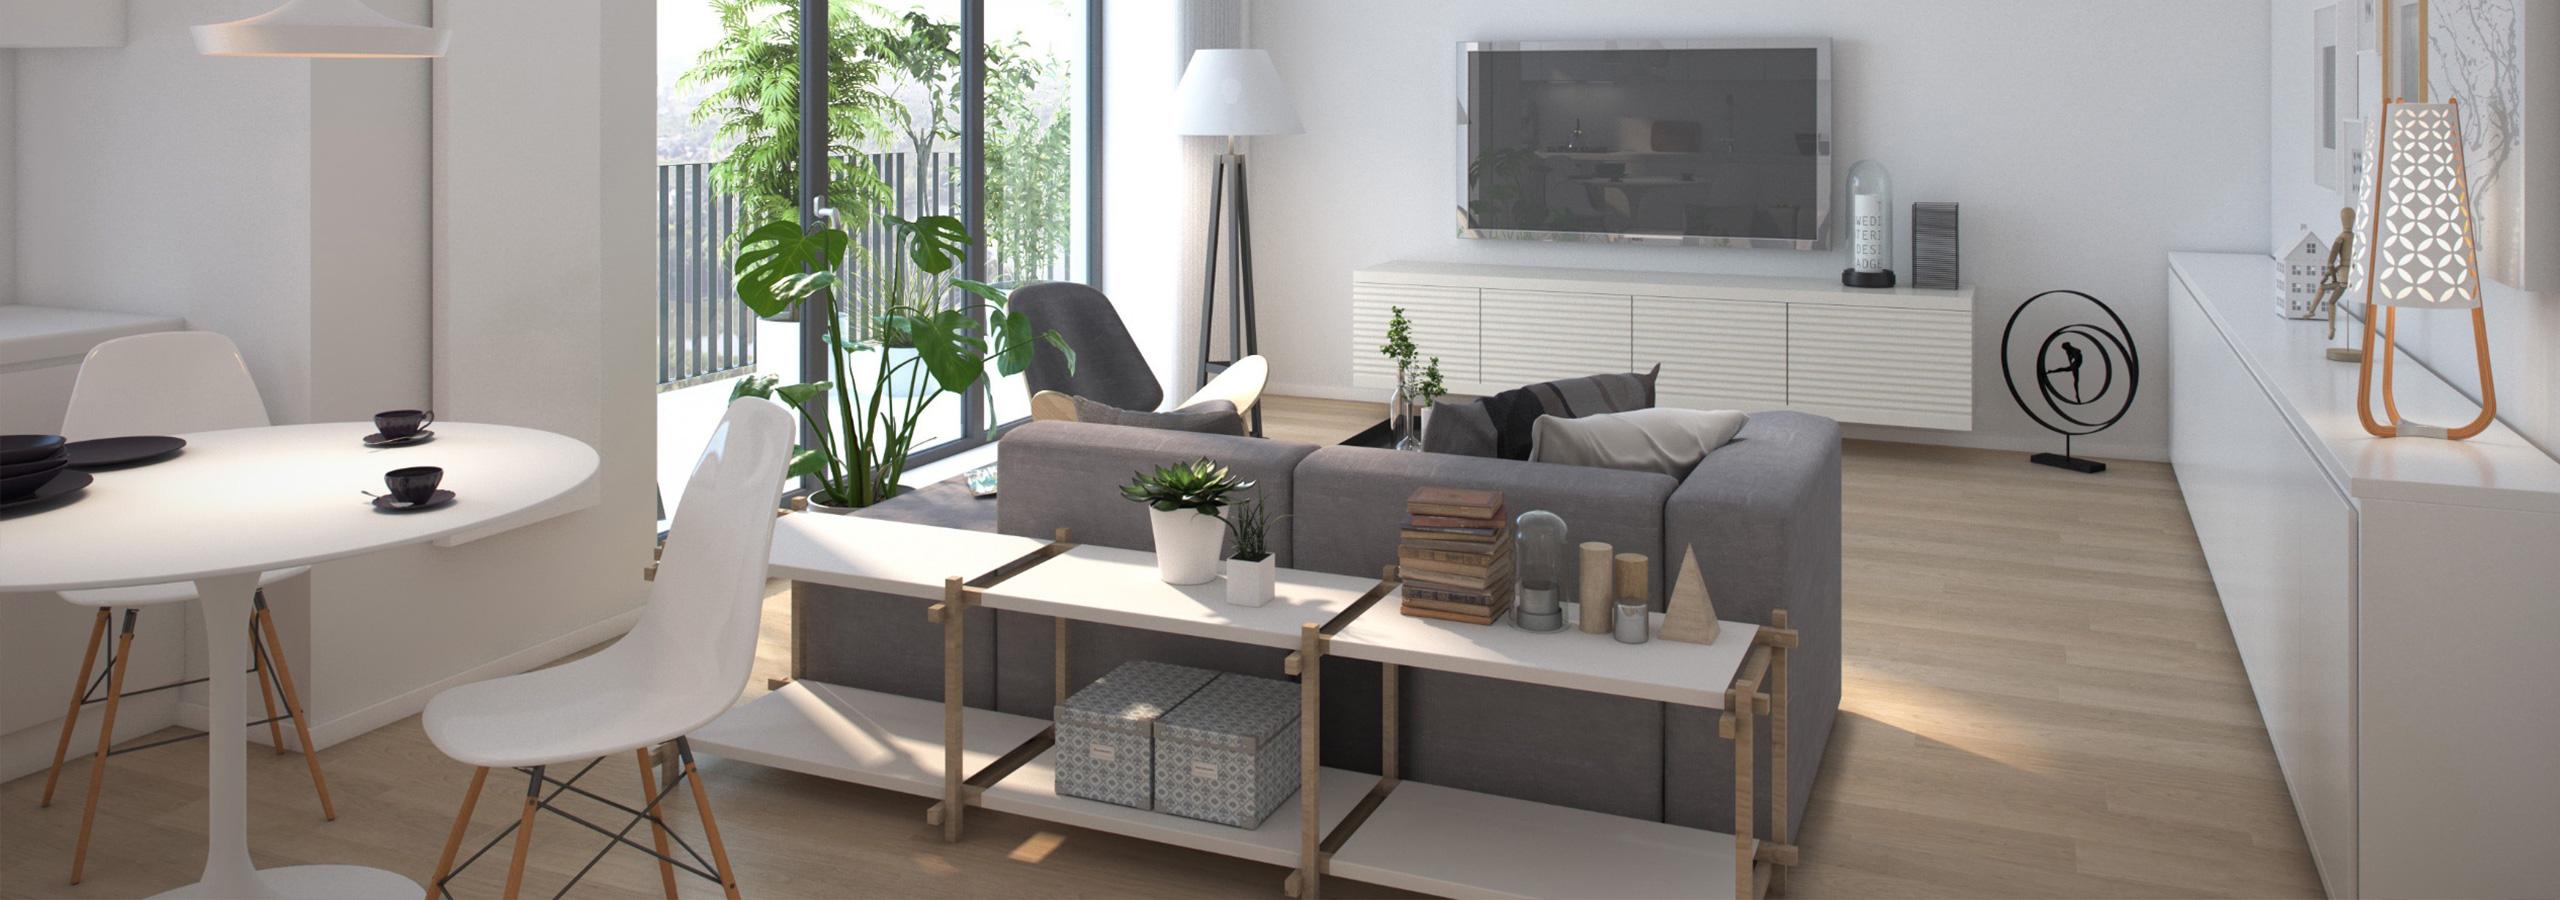 apartament-3-camere-sector-2